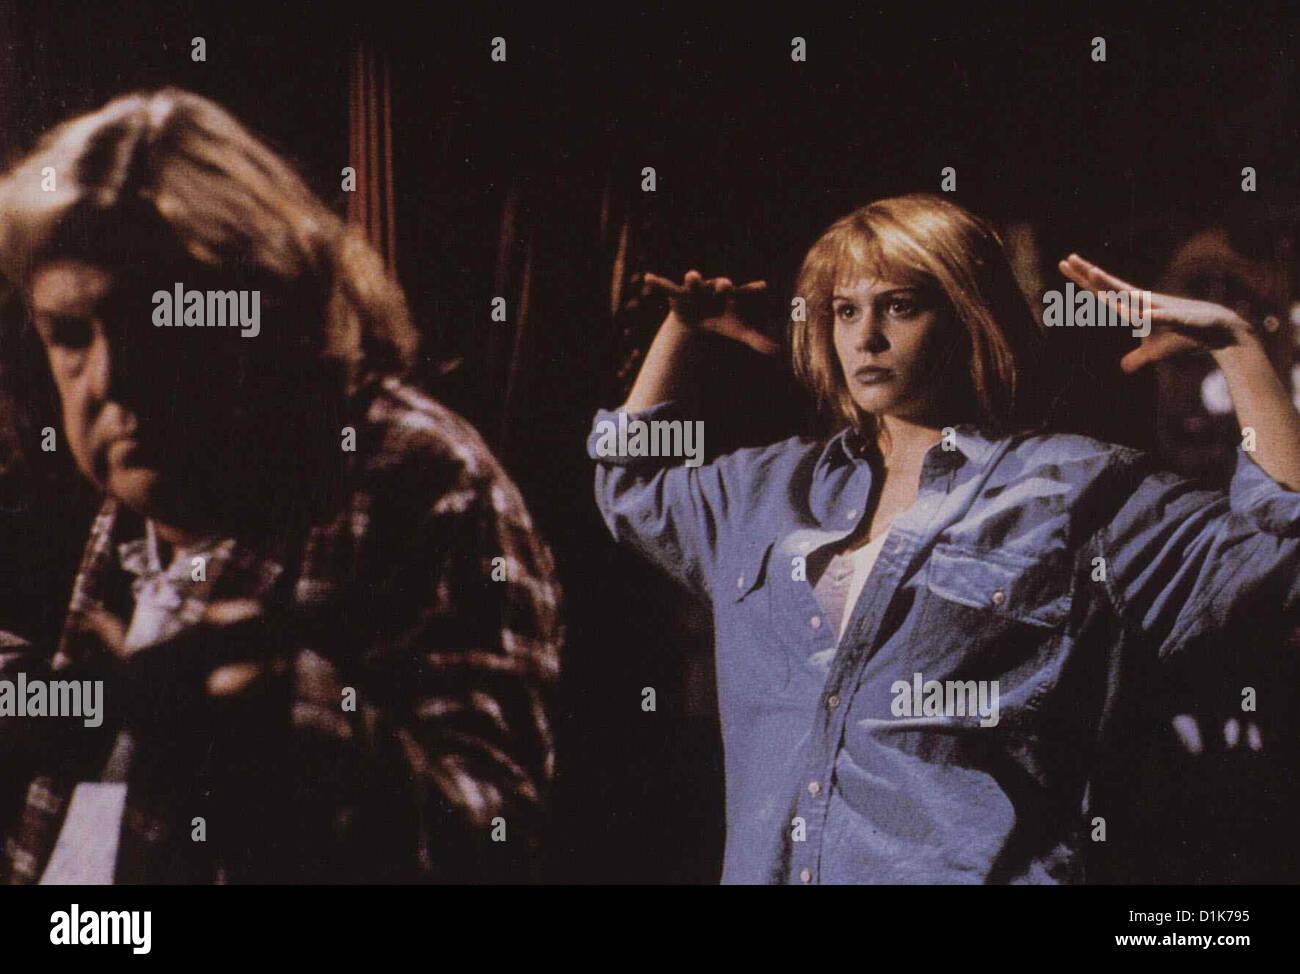 Der Toedliche Freund  Deadly Friend  Anne Ramsey, Kristy Swanson Samantha (Kristy Swanson,r) raecht sich Elvira - Stock Image